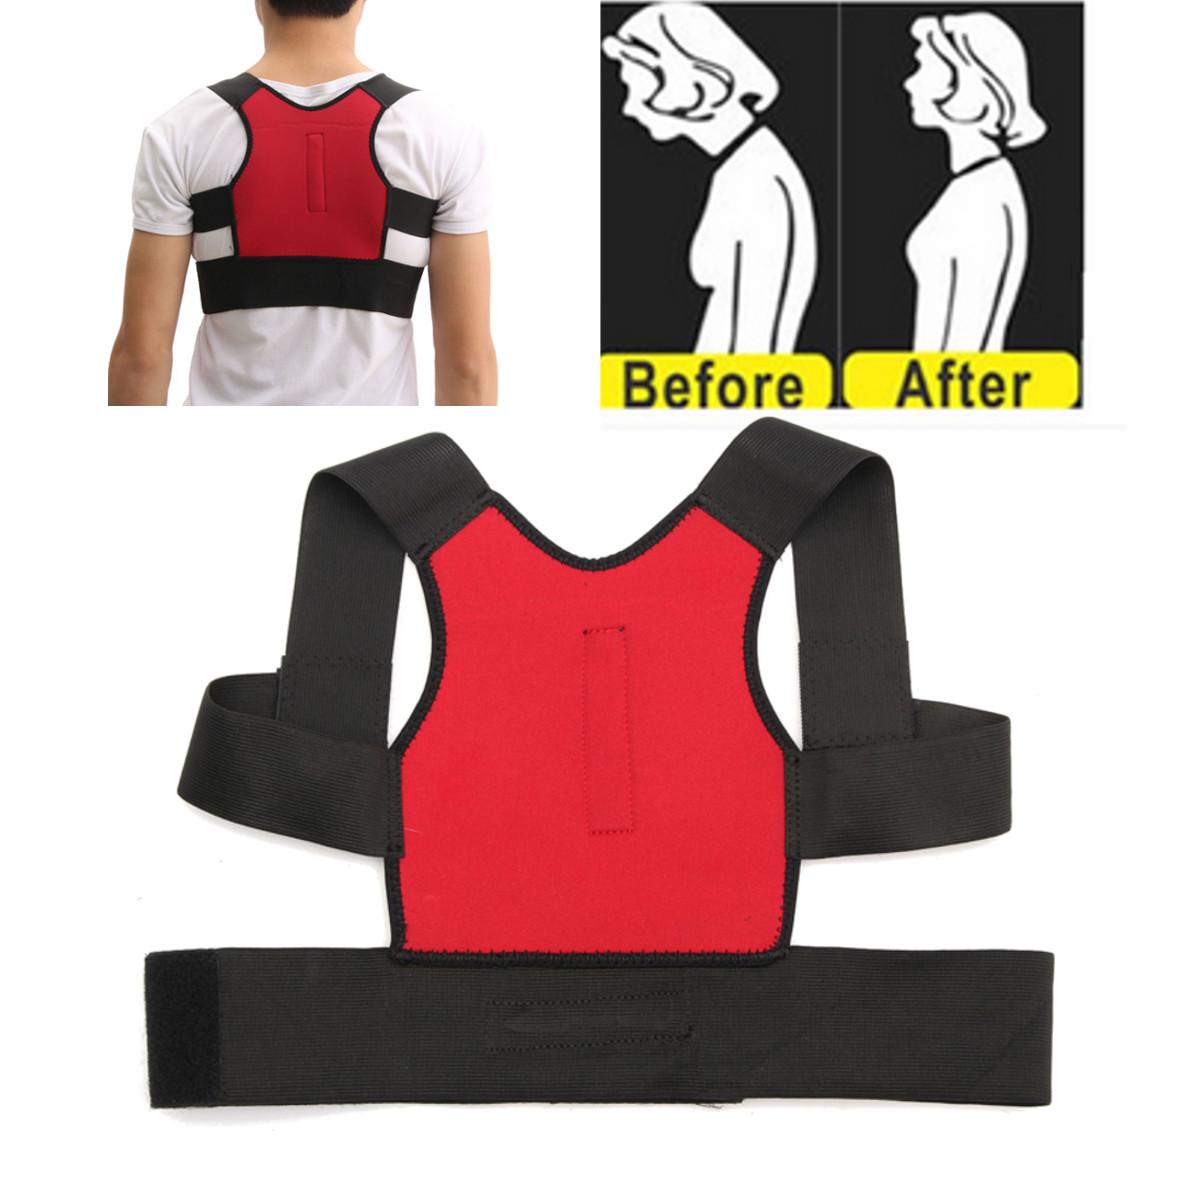 Buy Unisex Back Support Posture Corrector Lumbar Correction Shoulder Brace Belt